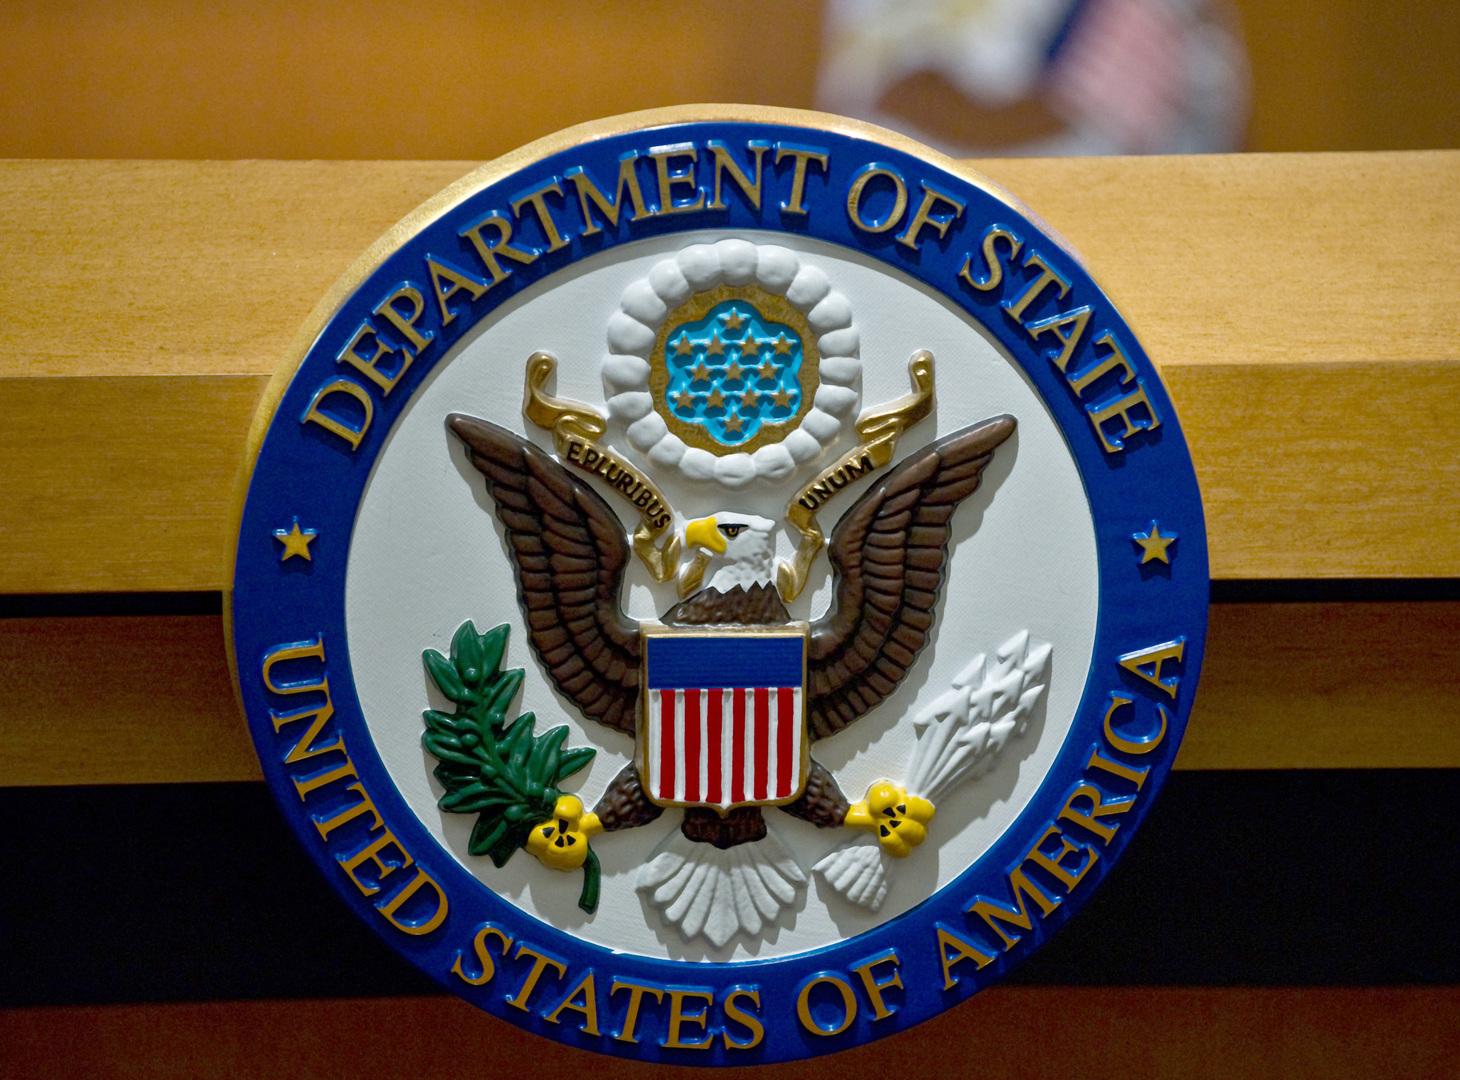 الخارجية الأمريكية تعليقا على استدعاء باريس لسفيرها من واشنطن: نعتزم مواصلة المناقشات مع فرنسا